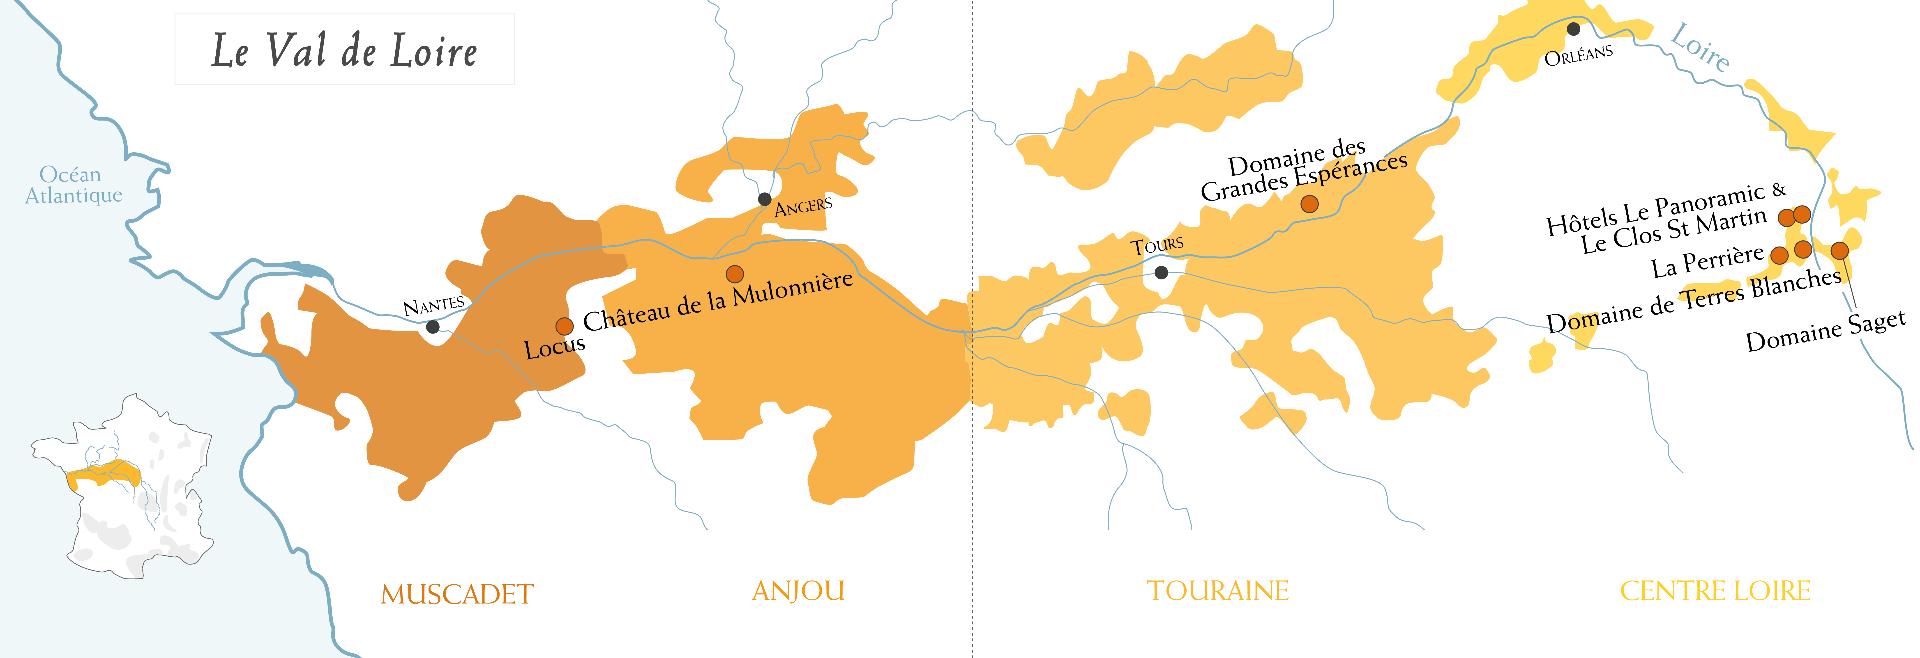 Saget La Perrière Loire Valley Wine Producer Loire